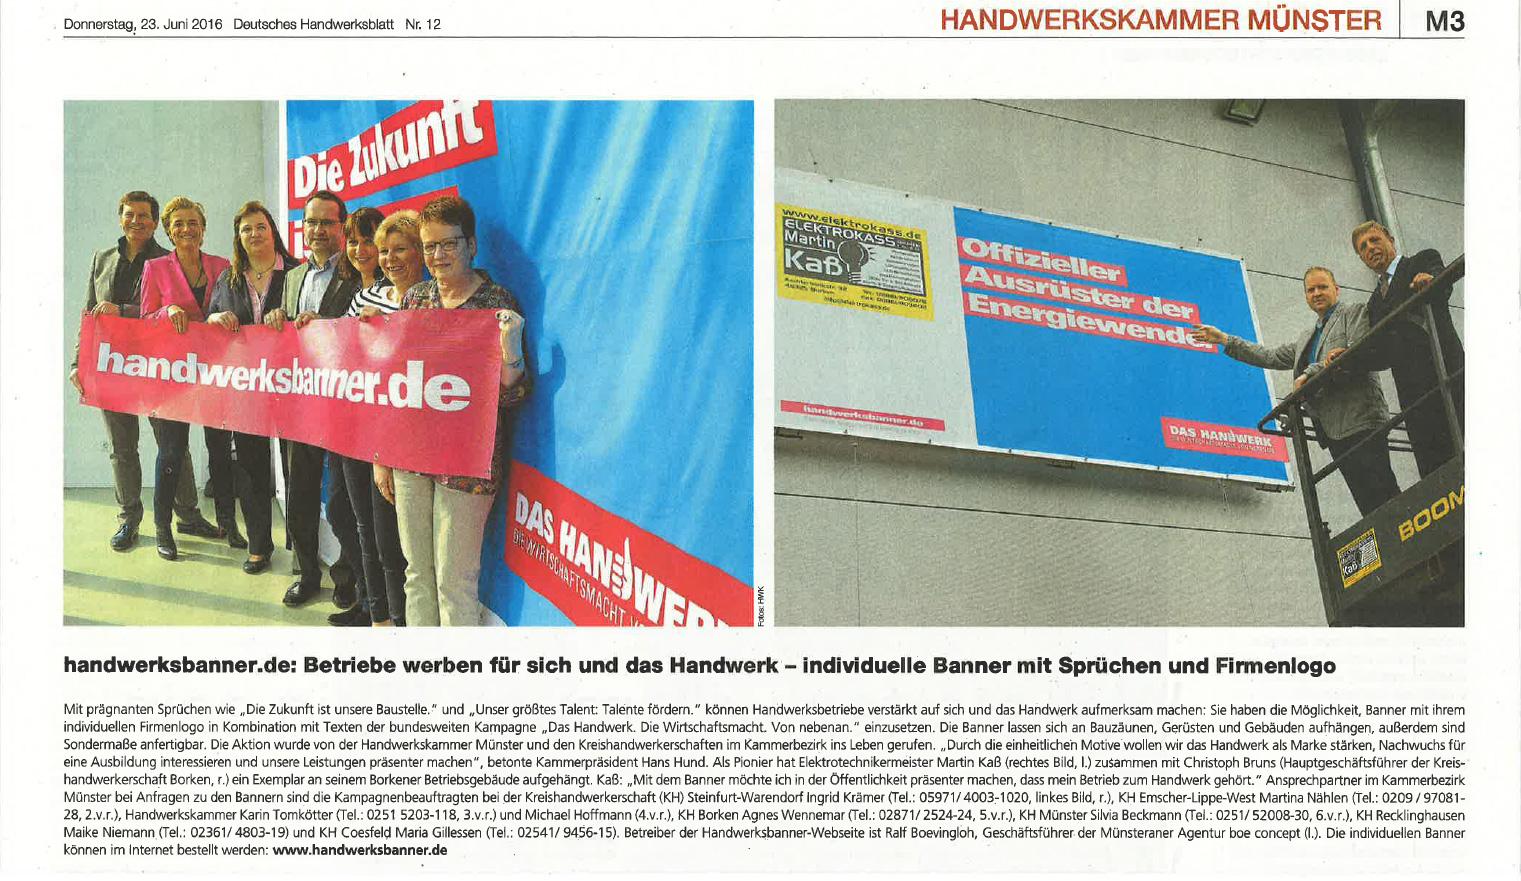 DeutschesHandwerksblatt-23062016